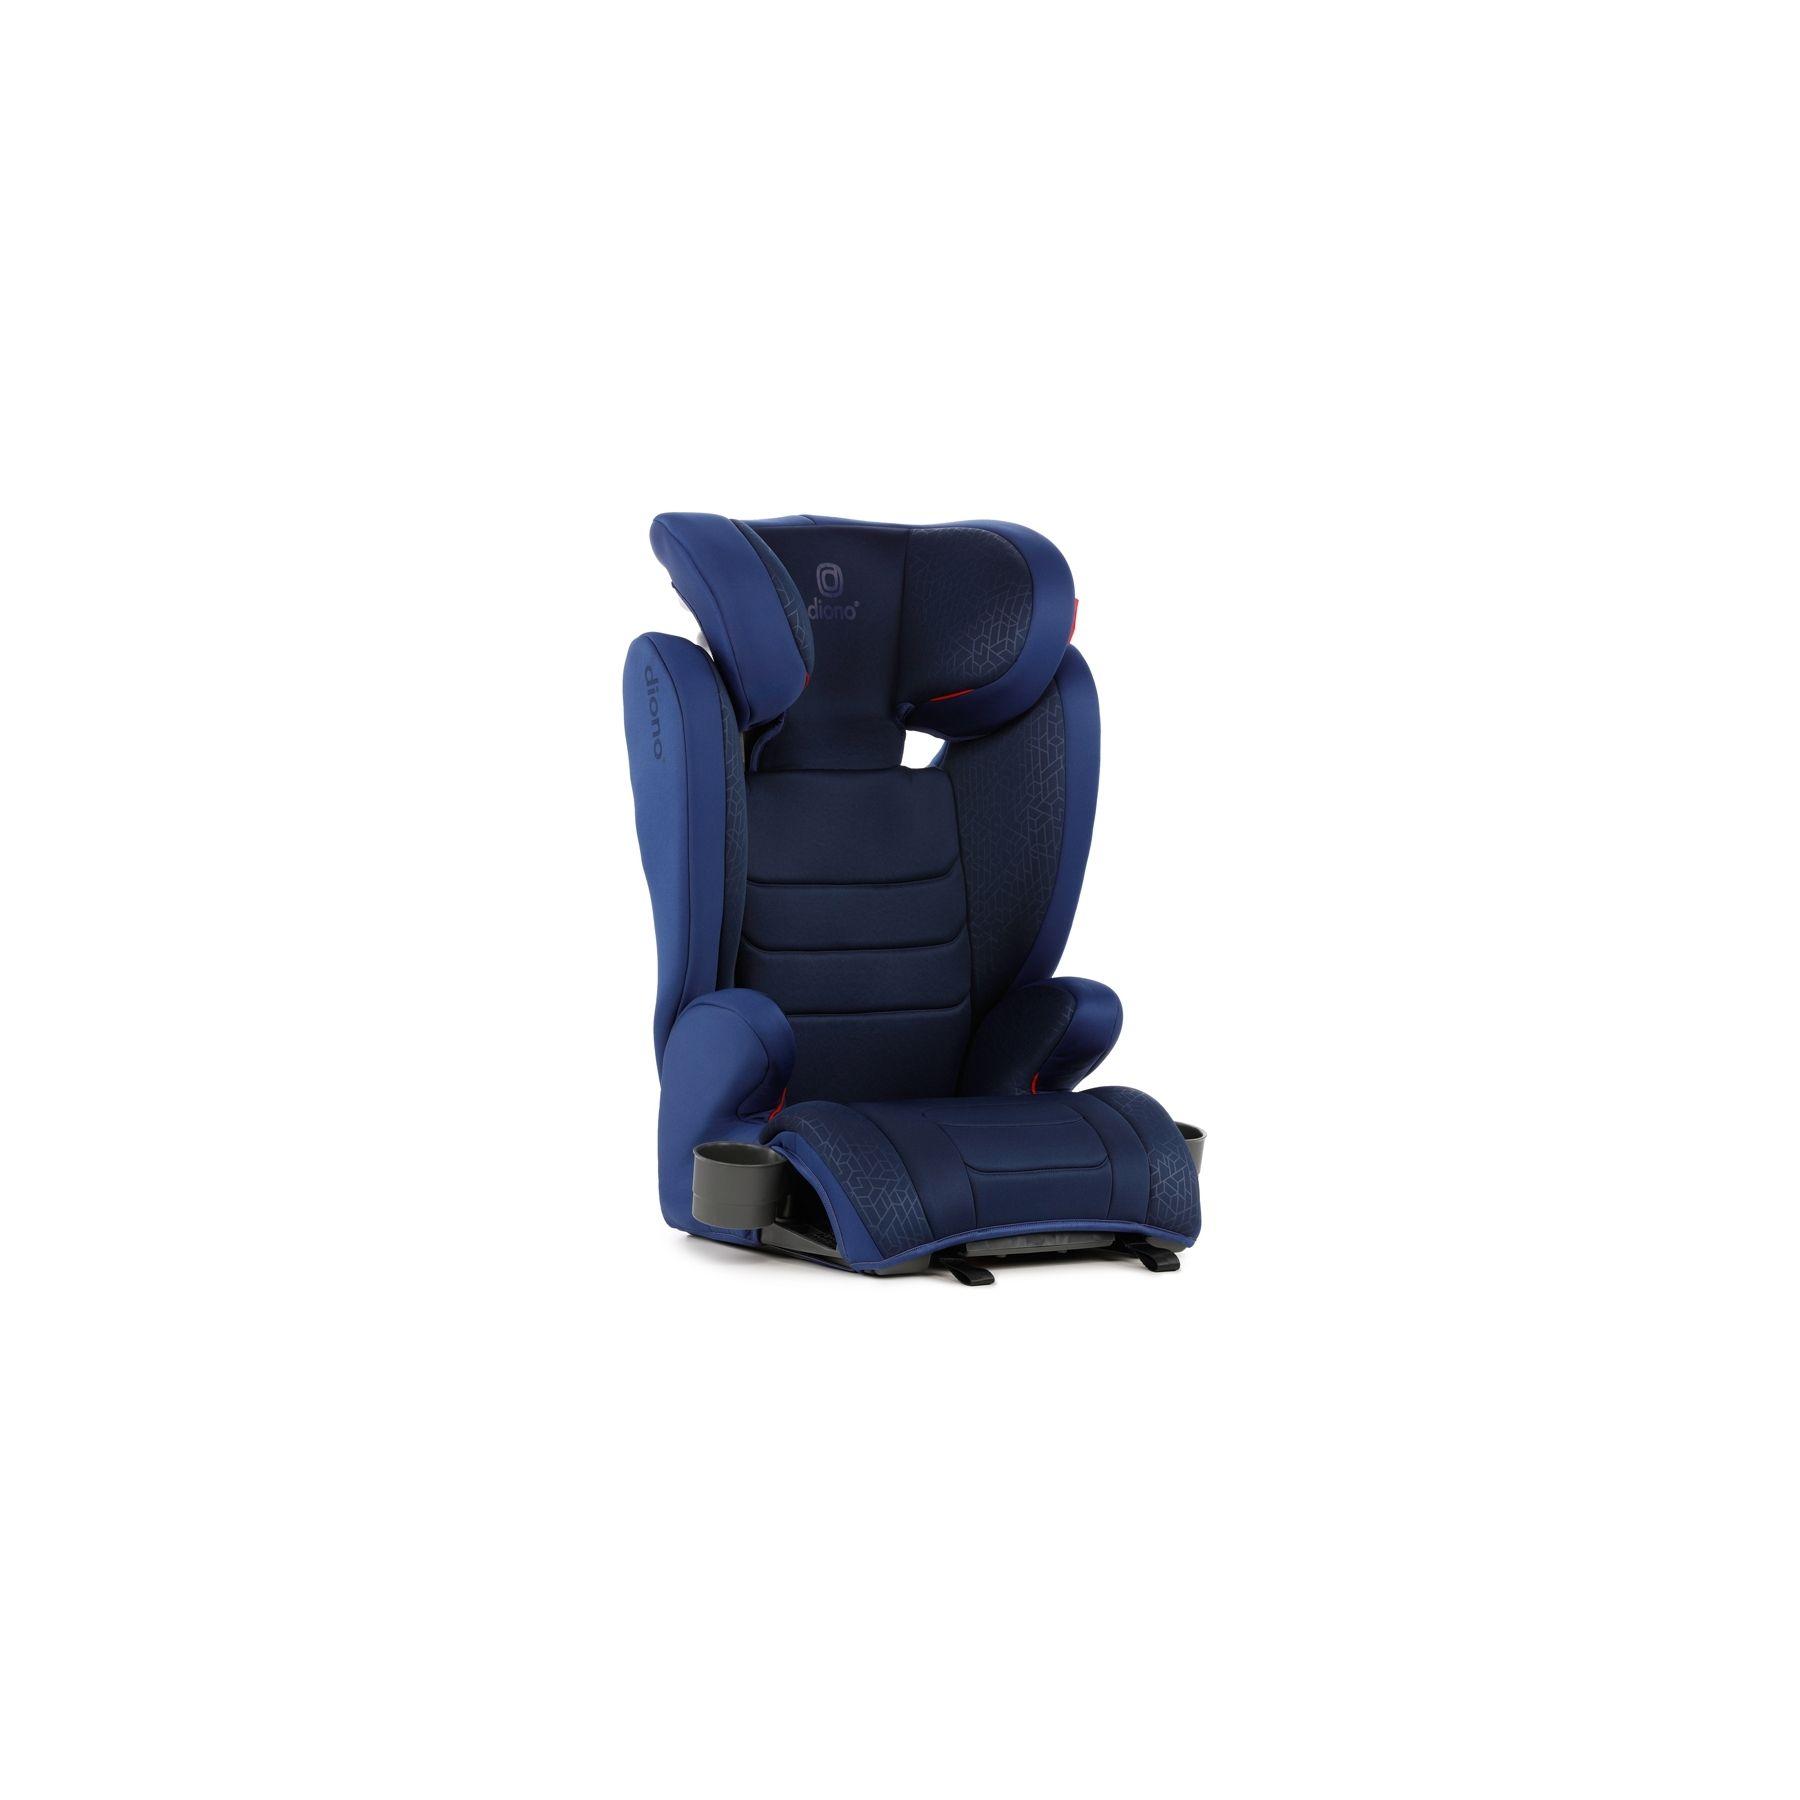 Diono Monterey 2 CXT Siège Auto Rehausseur Groupe 2/3 Bleu